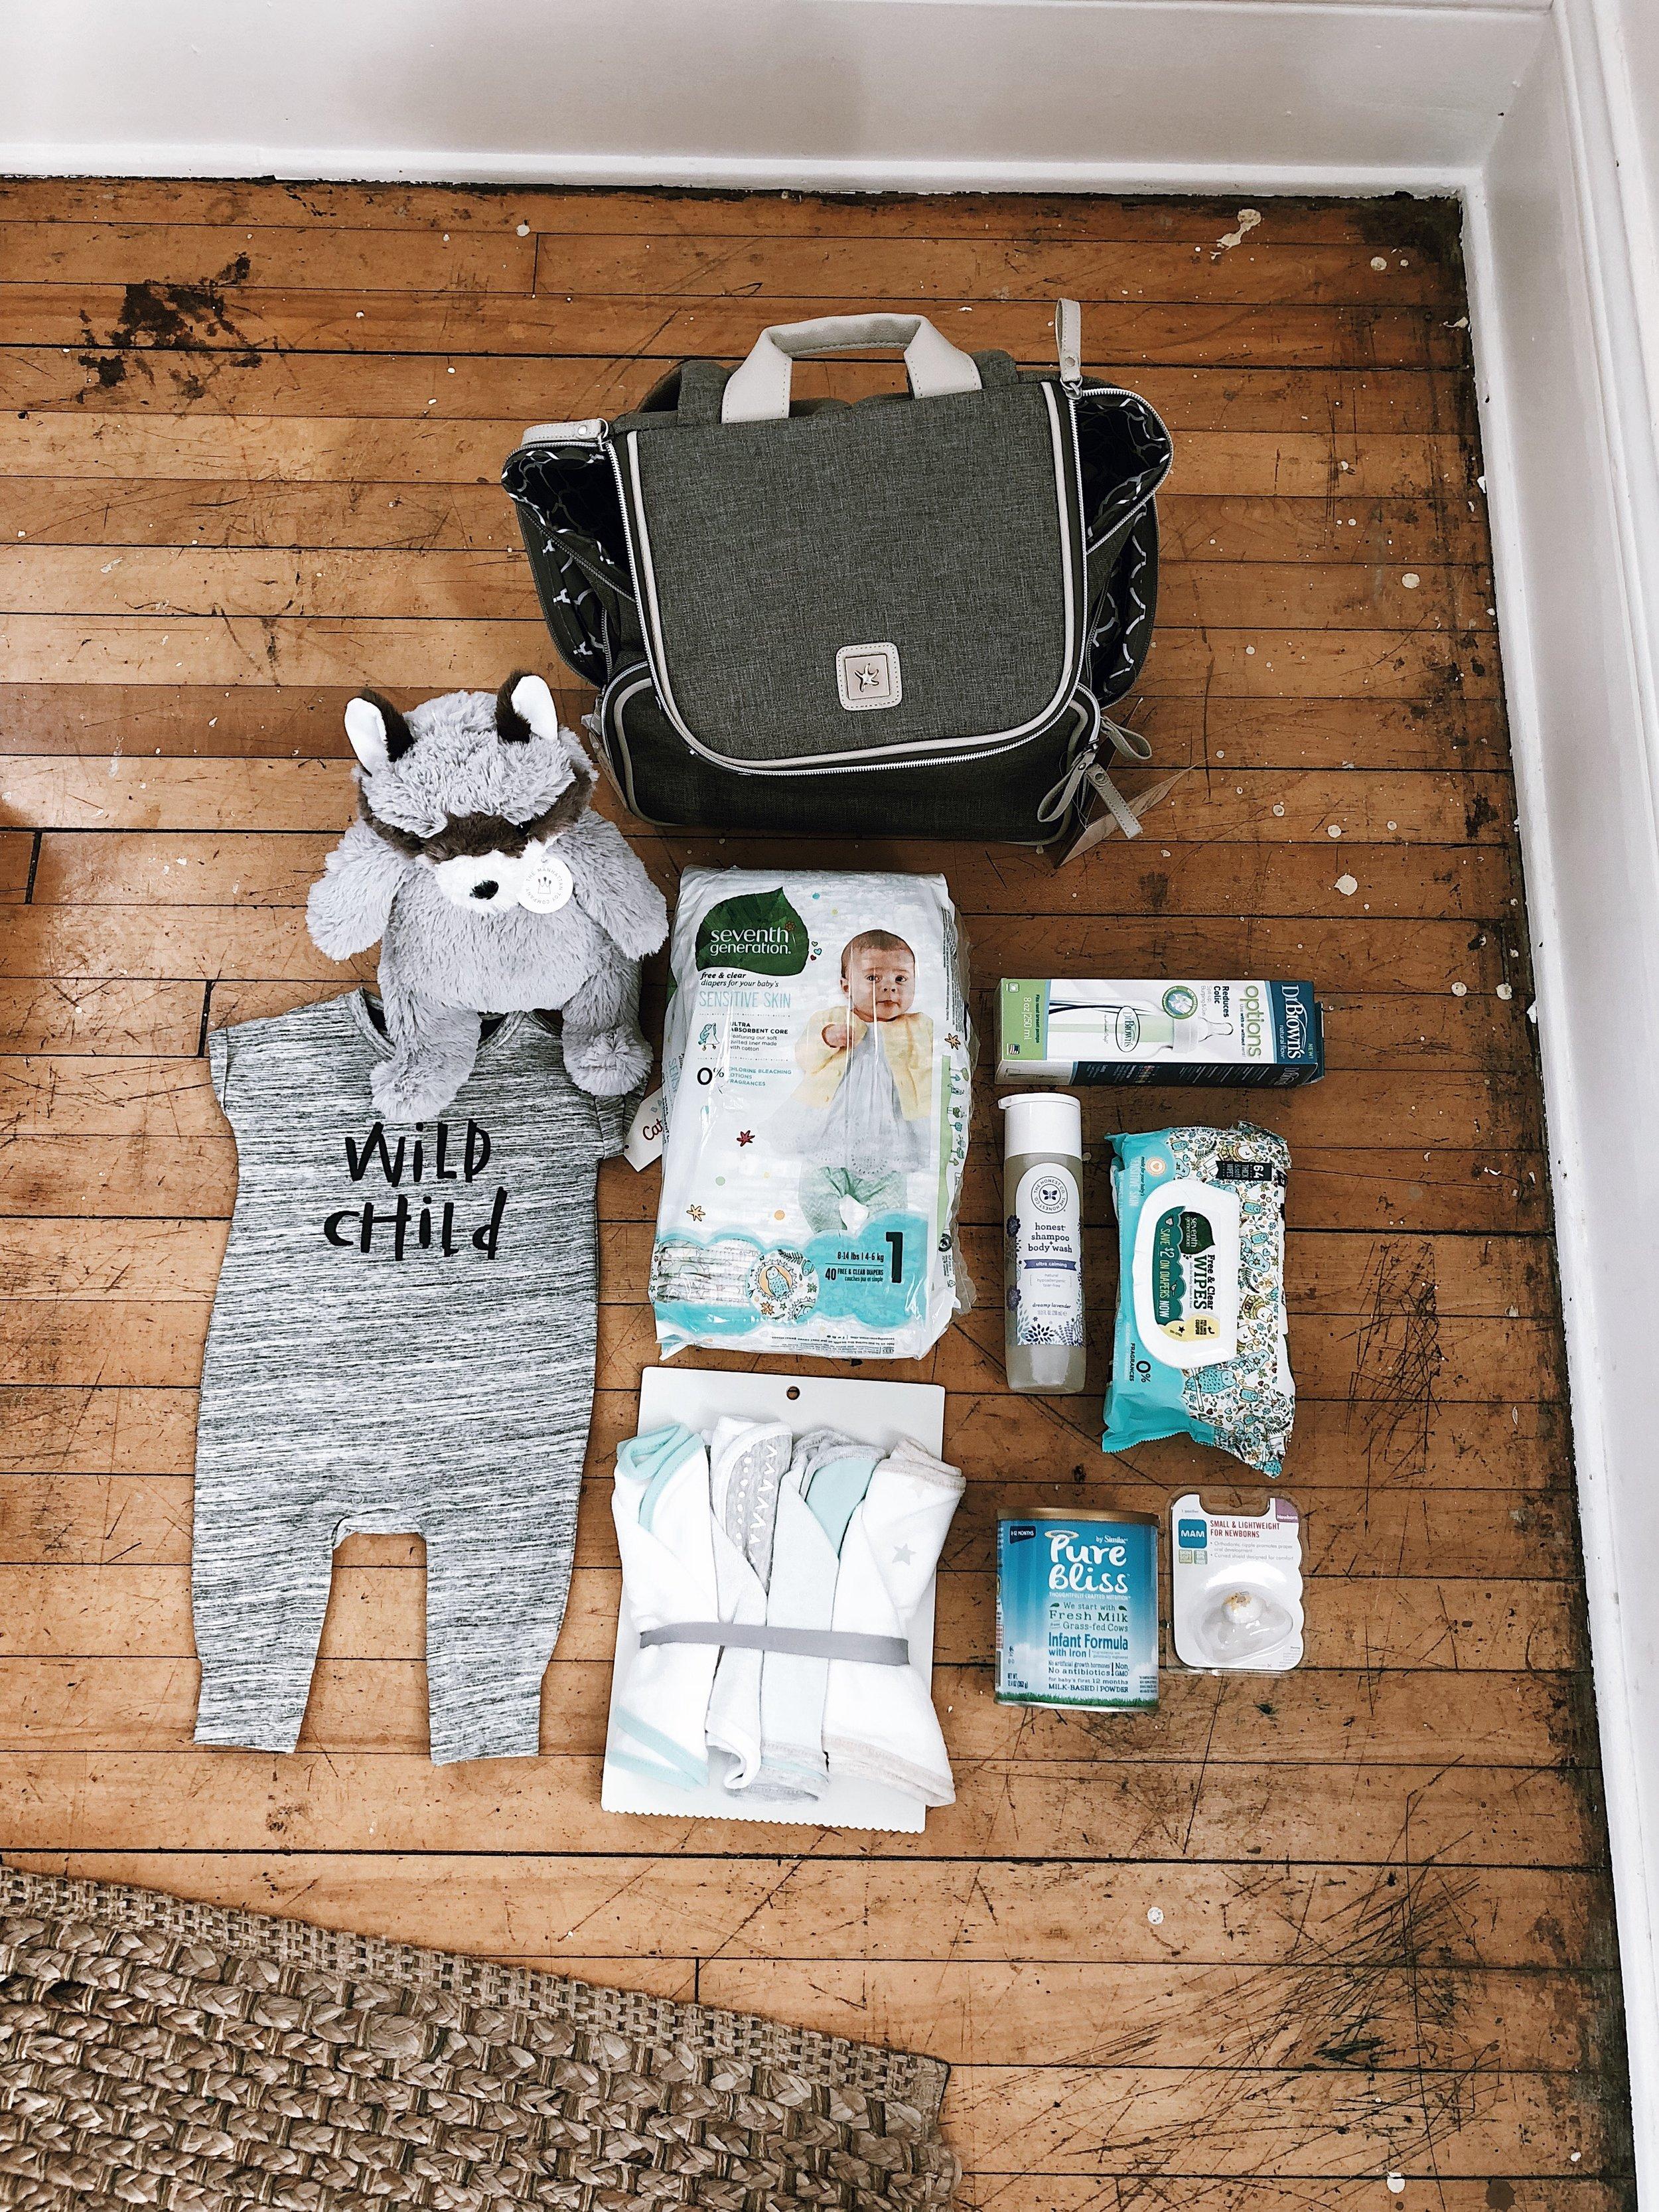 Gender neutral infant placement bag.